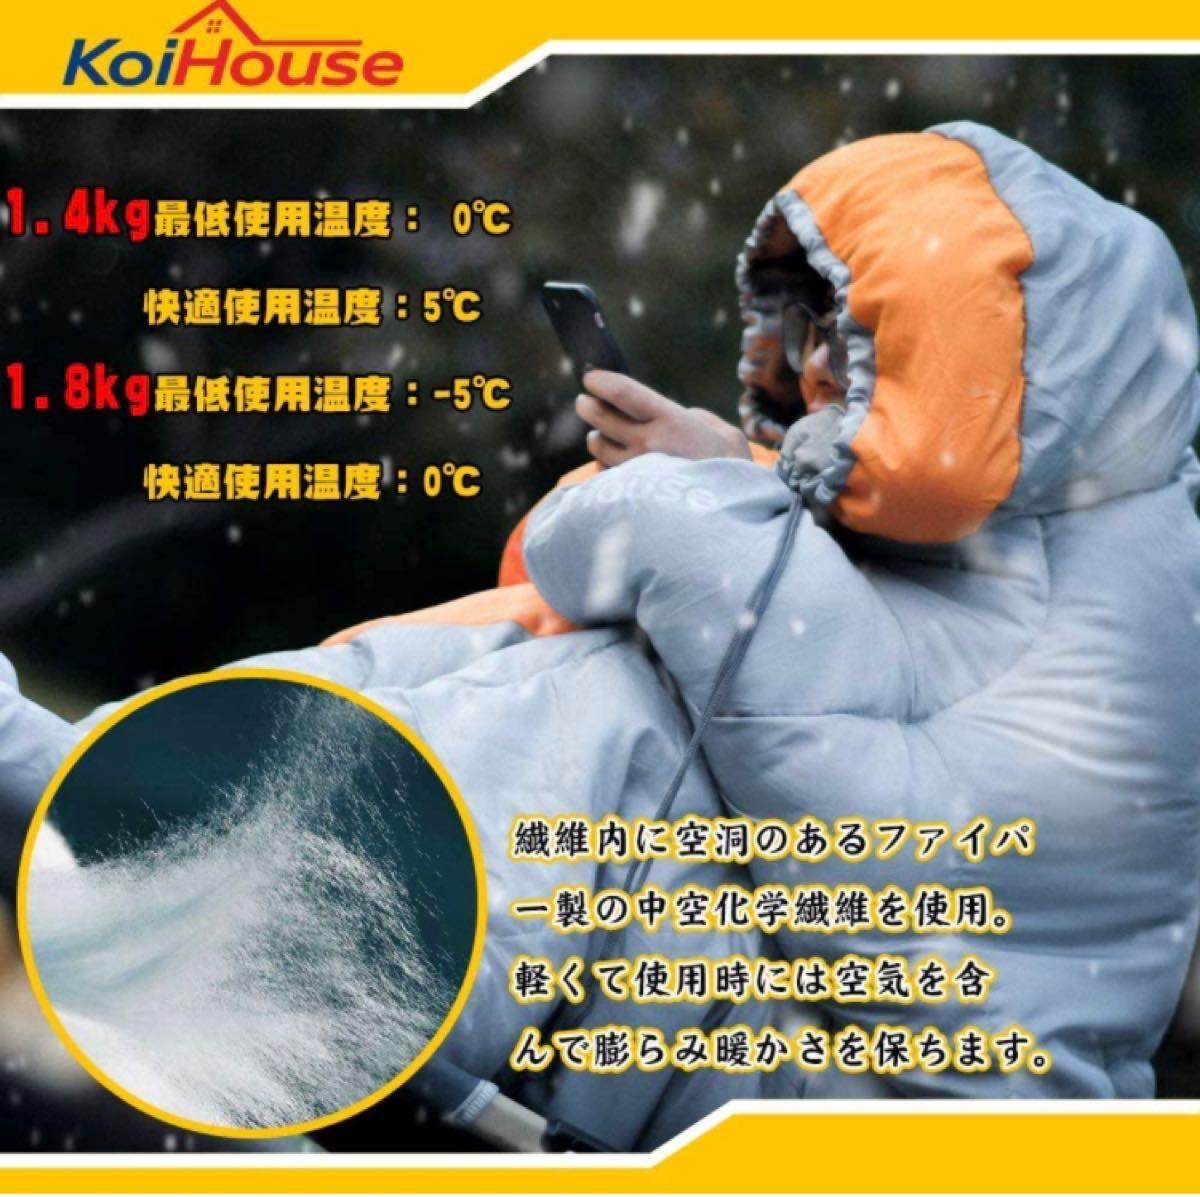 寝袋 シュラフ 封筒型 軽量 保温 210T防水 コンパクト アウトドア キャンプ 丸洗い可能 快適温度5度~25度